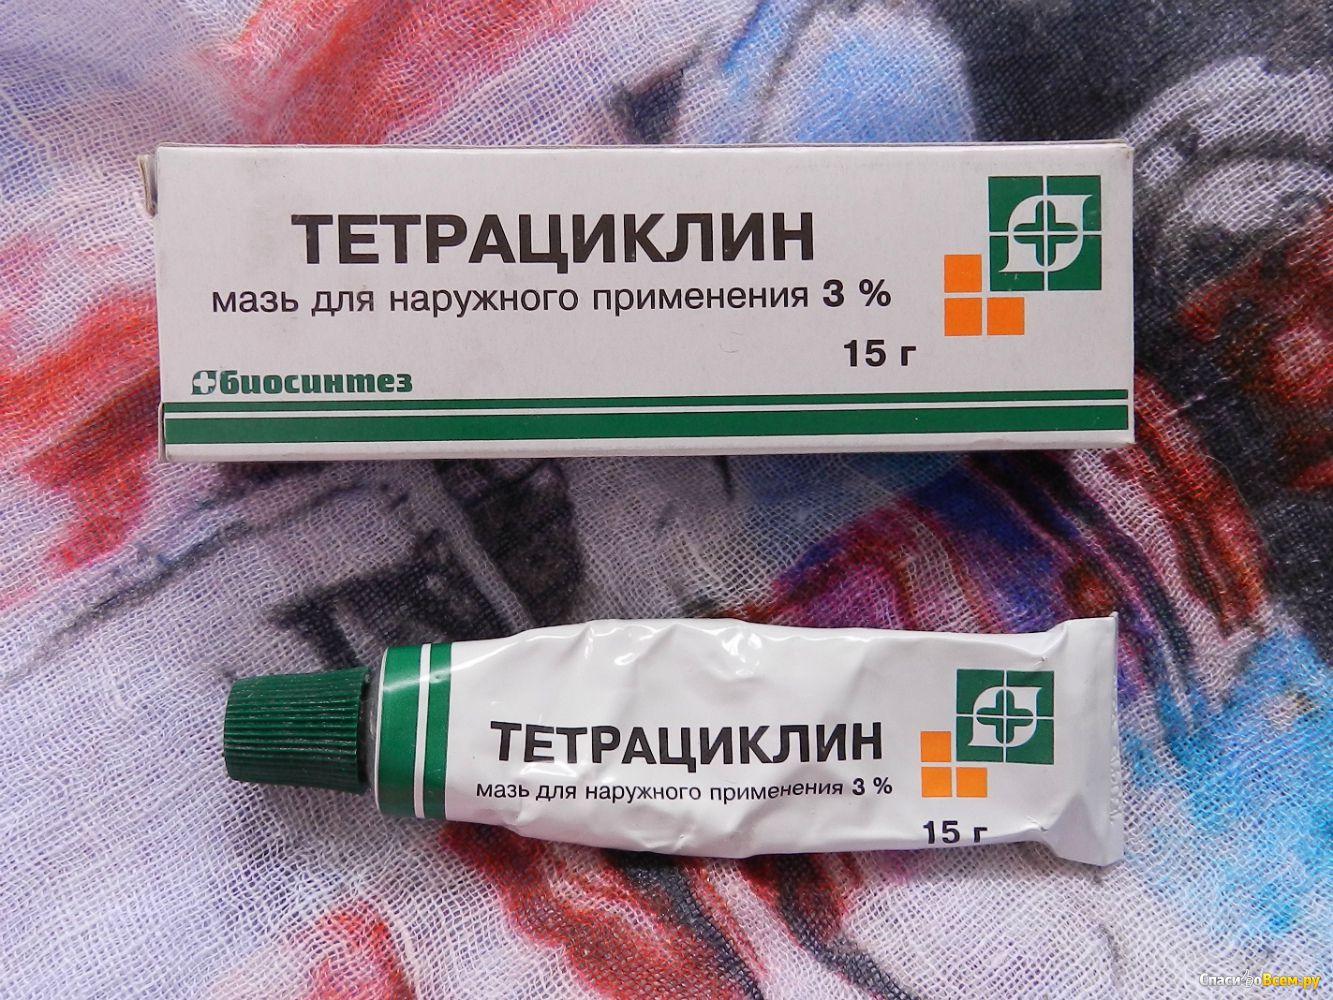 профилактика паразитов у взрослых лекарства на травах